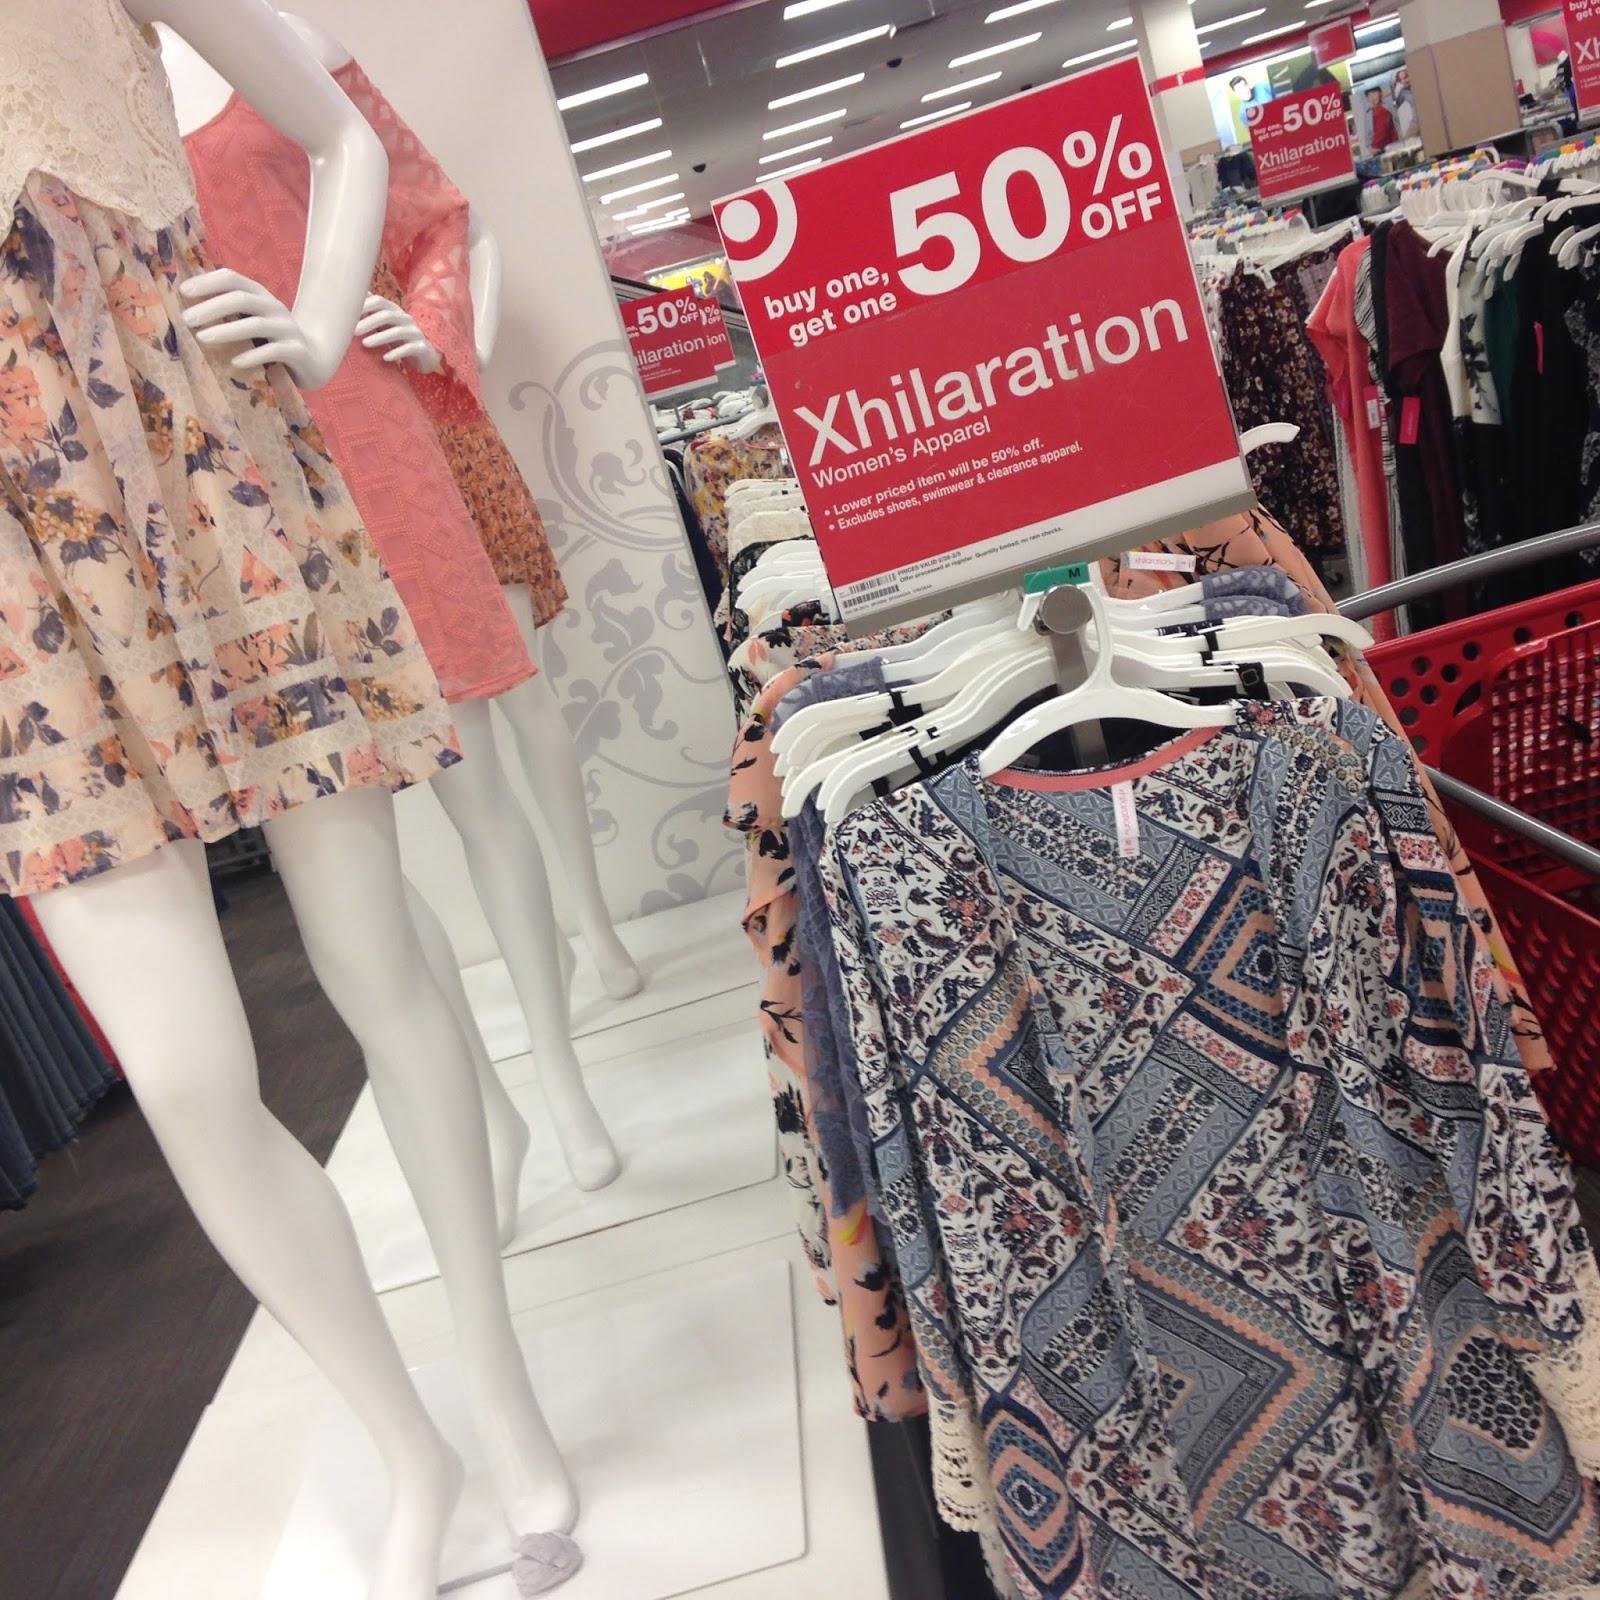 2446aadc2 Target BOGO on Xhilaration clothing + use the extra 29% off Cartwheel  Xhilaration